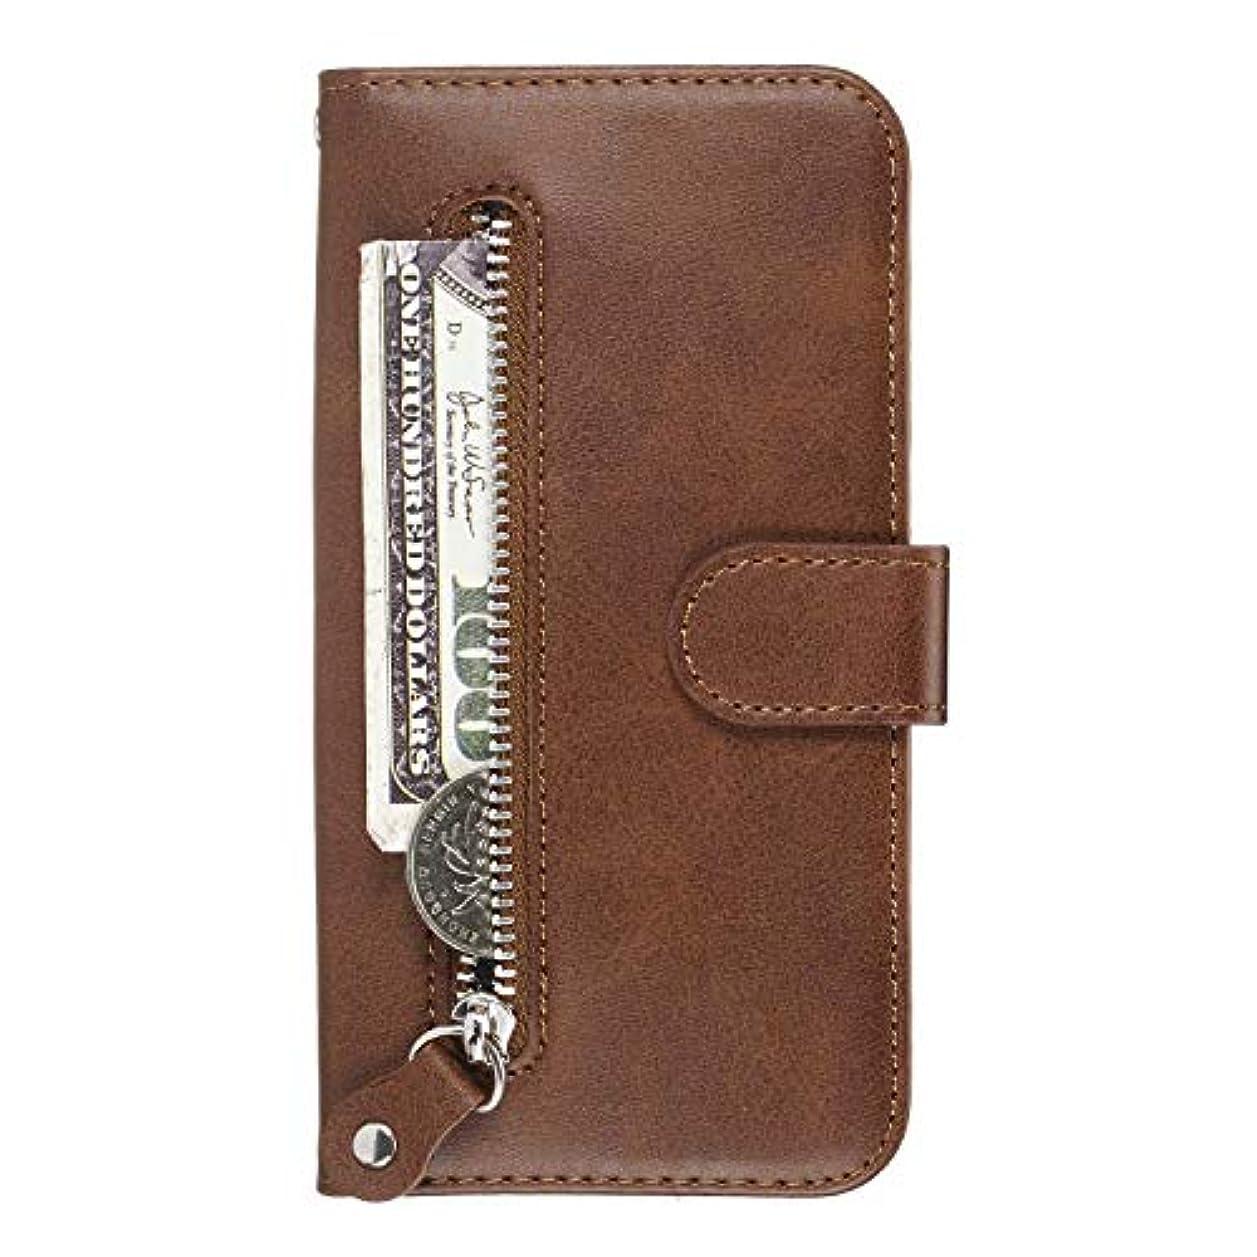 考慮プロットアルカイックOMATENTI iPhone XR ケース, 軽量 PUレザー 薄型 簡約風 人気カバー バックケース iPhone XR 用 Case Cover, 液晶保護 カード収納, 財布とコインポケット付き, 褐色